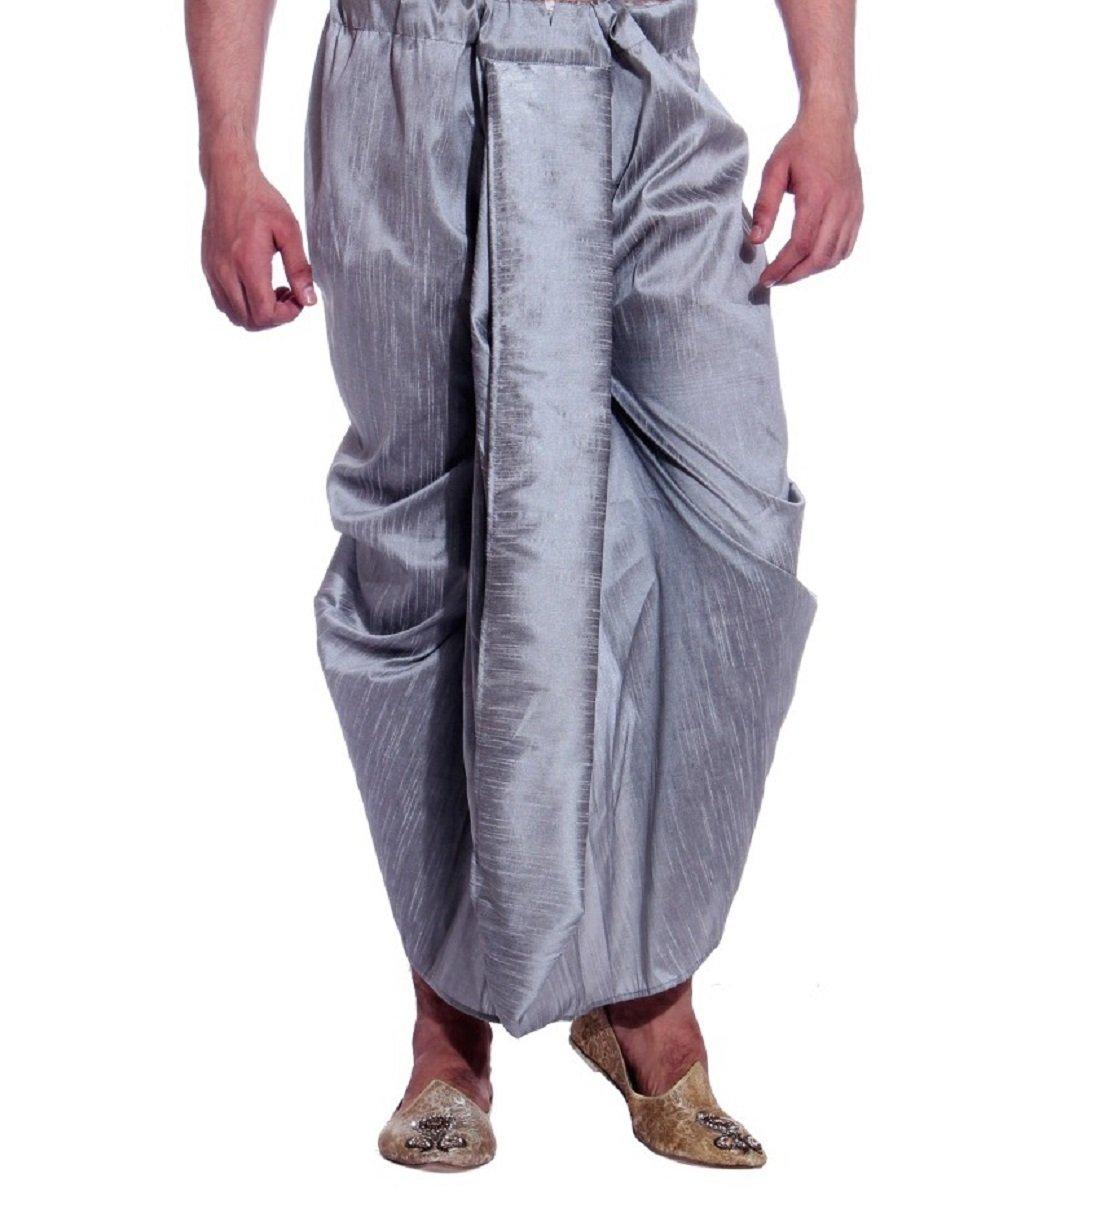 Royal Kurta Men's Art Silk Fine Quality Ready To Wear Dhoti pants Free Size Grey